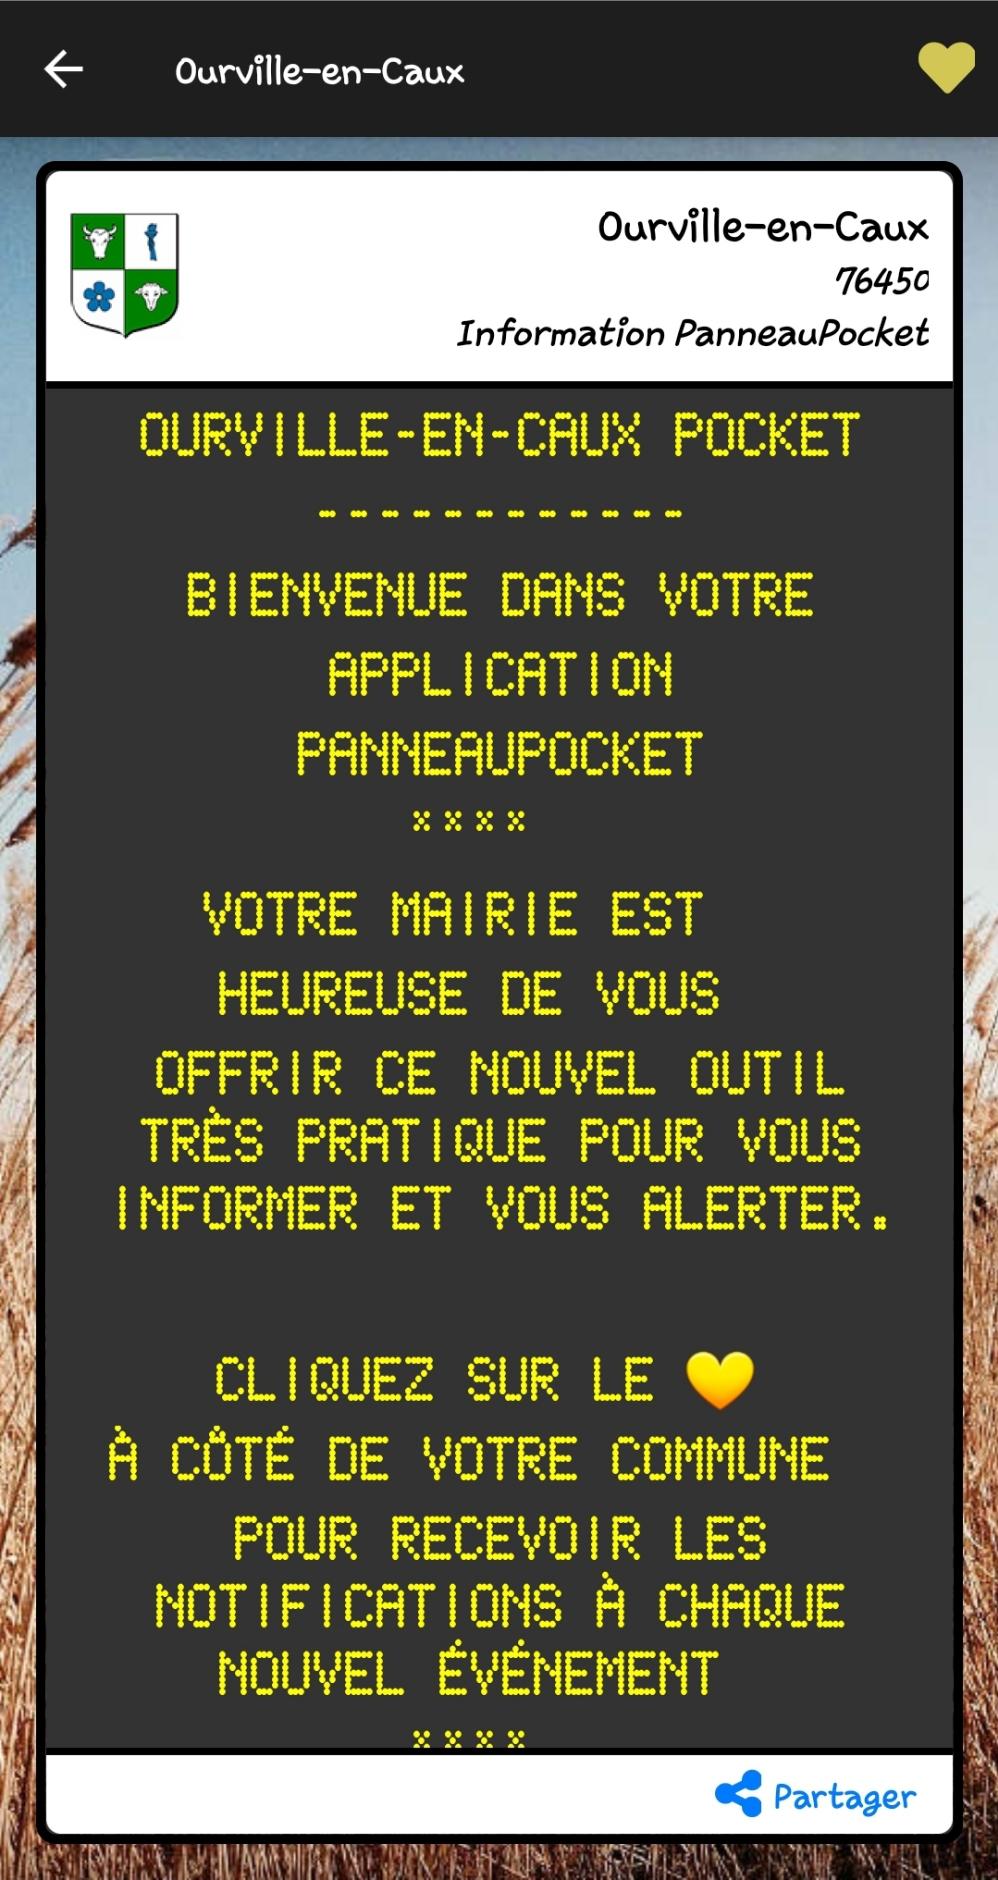 screenshot_20200411-190126_panneaupocket